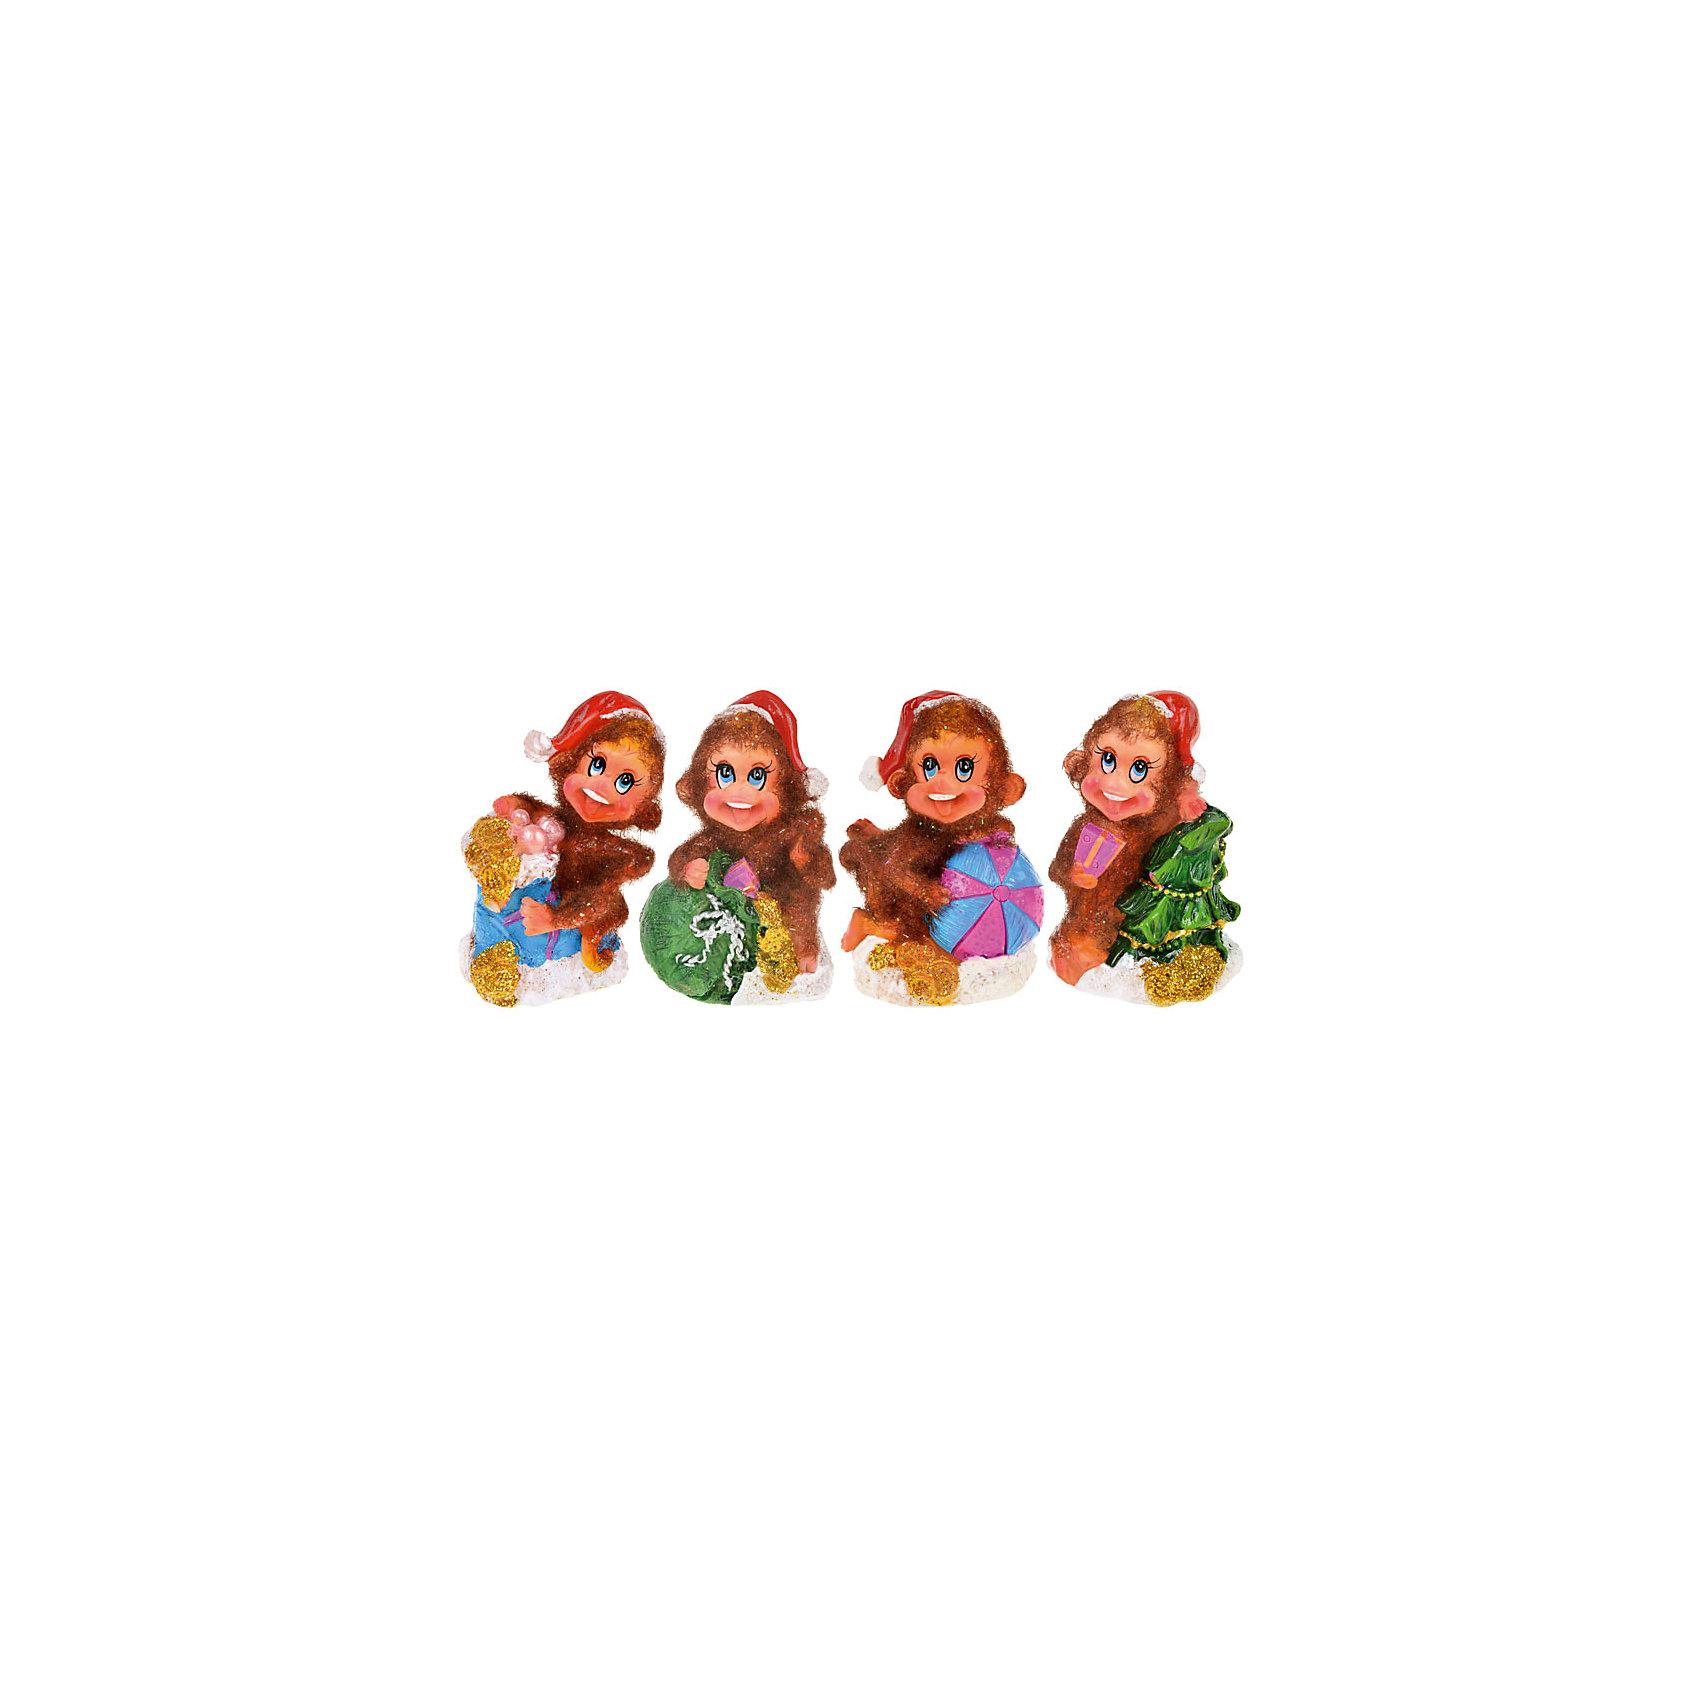 Статуэтка Пушистая обезьянка 5,5*4,5*6 смНовинки Новый Год<br>Декоративная статуэтка Пушистая обезьянка - прекрасный вариант для праздничного сувенира. Яркая статуэтка в виде символа года будет актуальным подарком абсолютно для каждого!   <br><br>Дополнительная информация:<br><br>- Материал: полистоун.<br>- Размер: 5,5х4,5х6 см.<br>- 4 фигурки в ассортименте.<br>ВНИМАНИЕ! Данный артикул представлен в разных вариантах исполнения. К сожалению, заранее выбрать определенный вариант невозможно. При заказе нескольких статуэток возможно получение одинаковых.<br><br>Статуэтку Пушистая обезьянка 5,5х4,5х6 см, можно купить в нашем магазине.<br><br>Ширина мм: 55<br>Глубина мм: 45<br>Высота мм: 60<br>Вес г: 250<br>Возраст от месяцев: 36<br>Возраст до месяцев: 2147483647<br>Пол: Унисекс<br>Возраст: Детский<br>SKU: 4293040